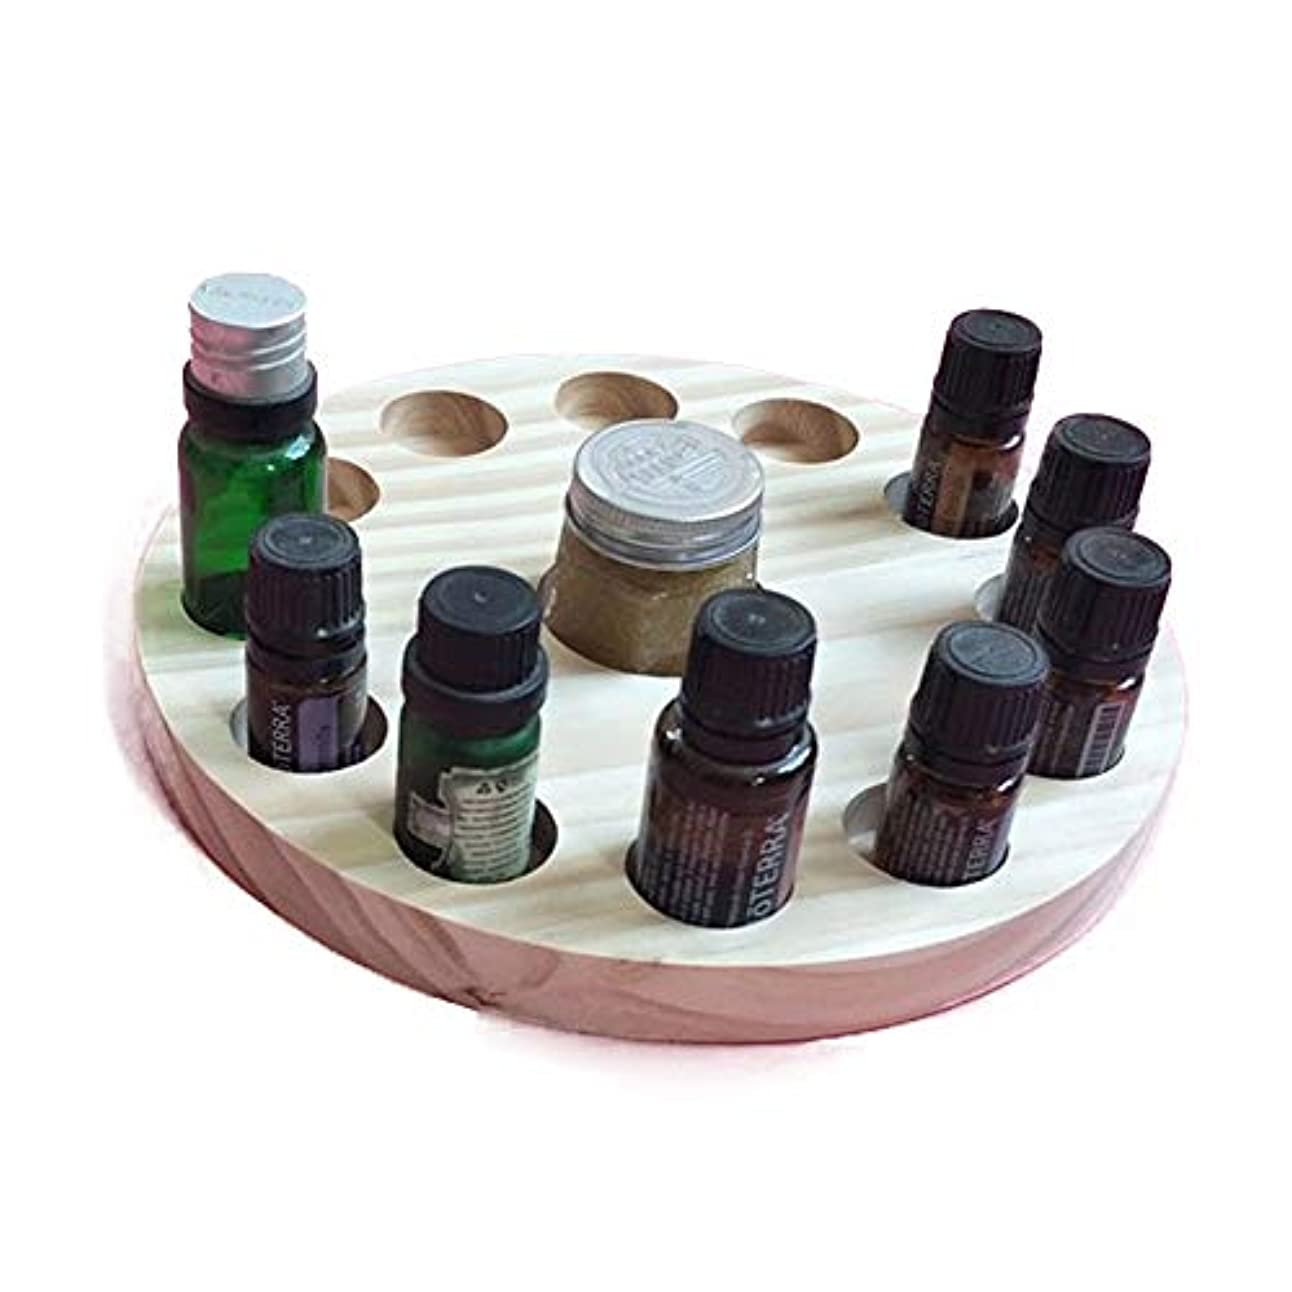 ペレット魚聴衆エッセンシャルオイルの保管 13スロット木製エッセンシャルオイルストレージホルダーは12の10mlの油のボトルを保持します (色 : Natural, サイズ : Free size)